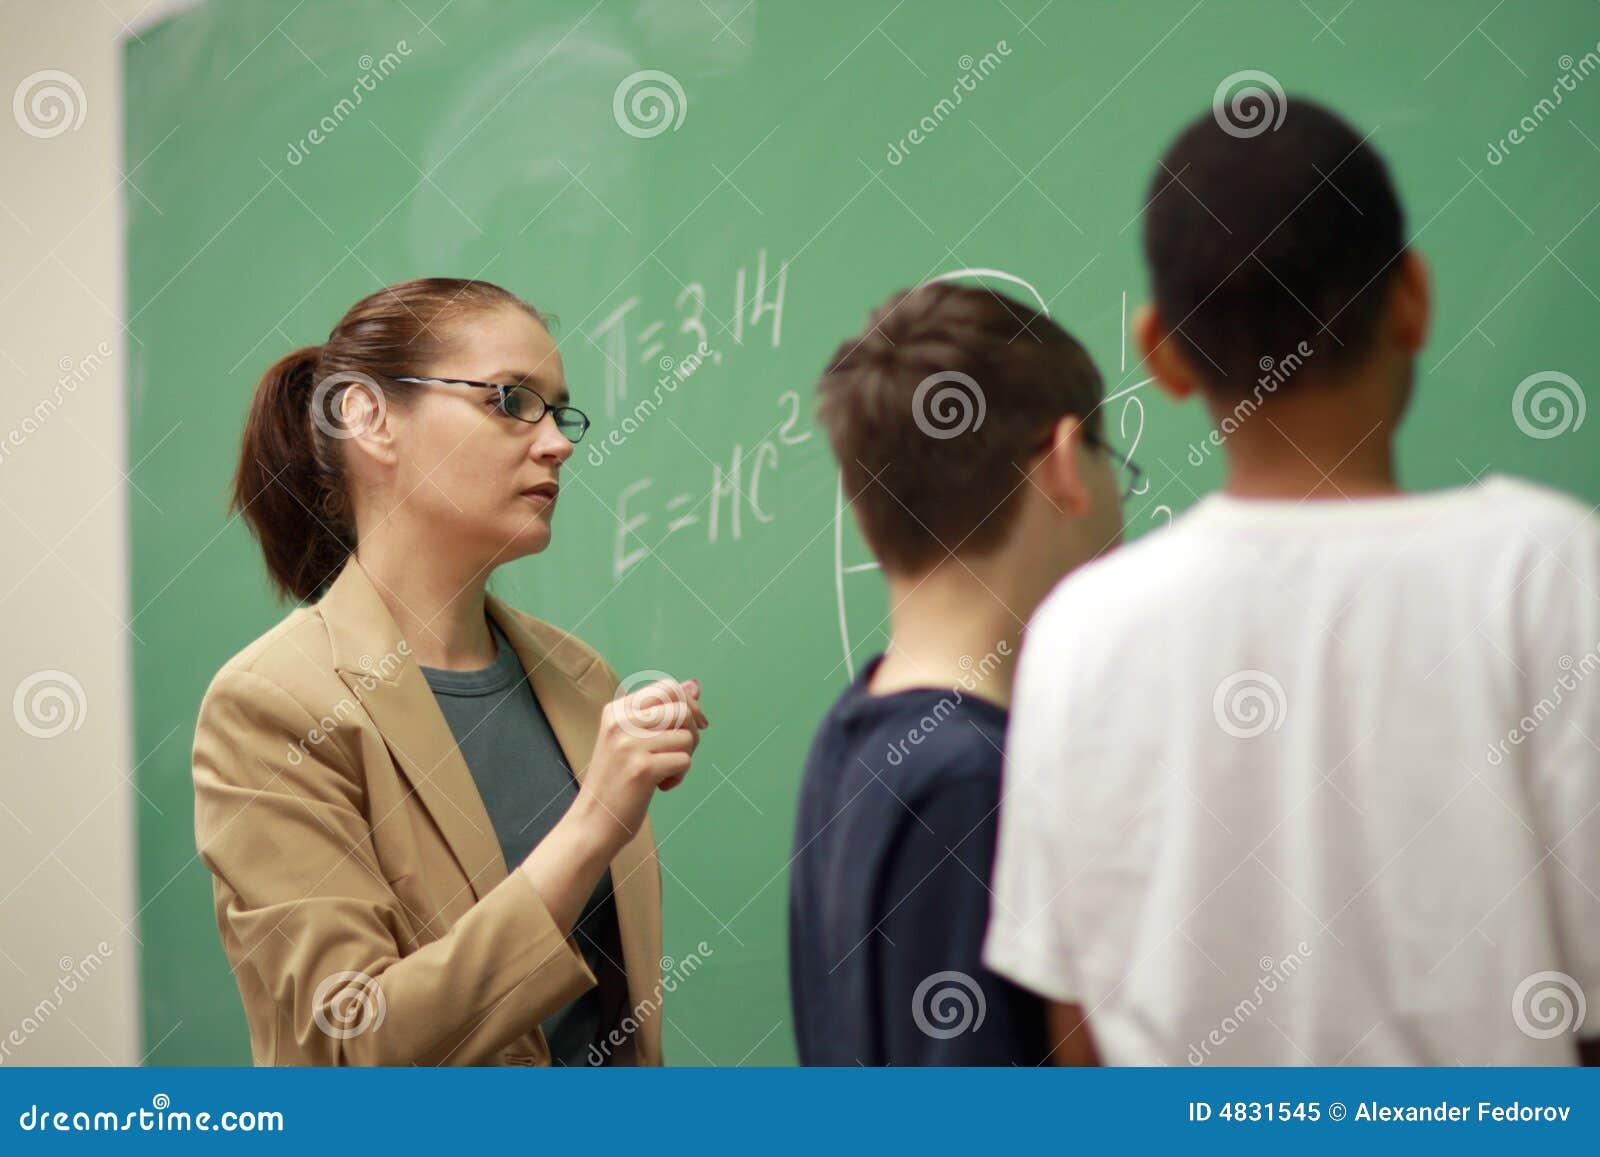 Profesor y estudiantes